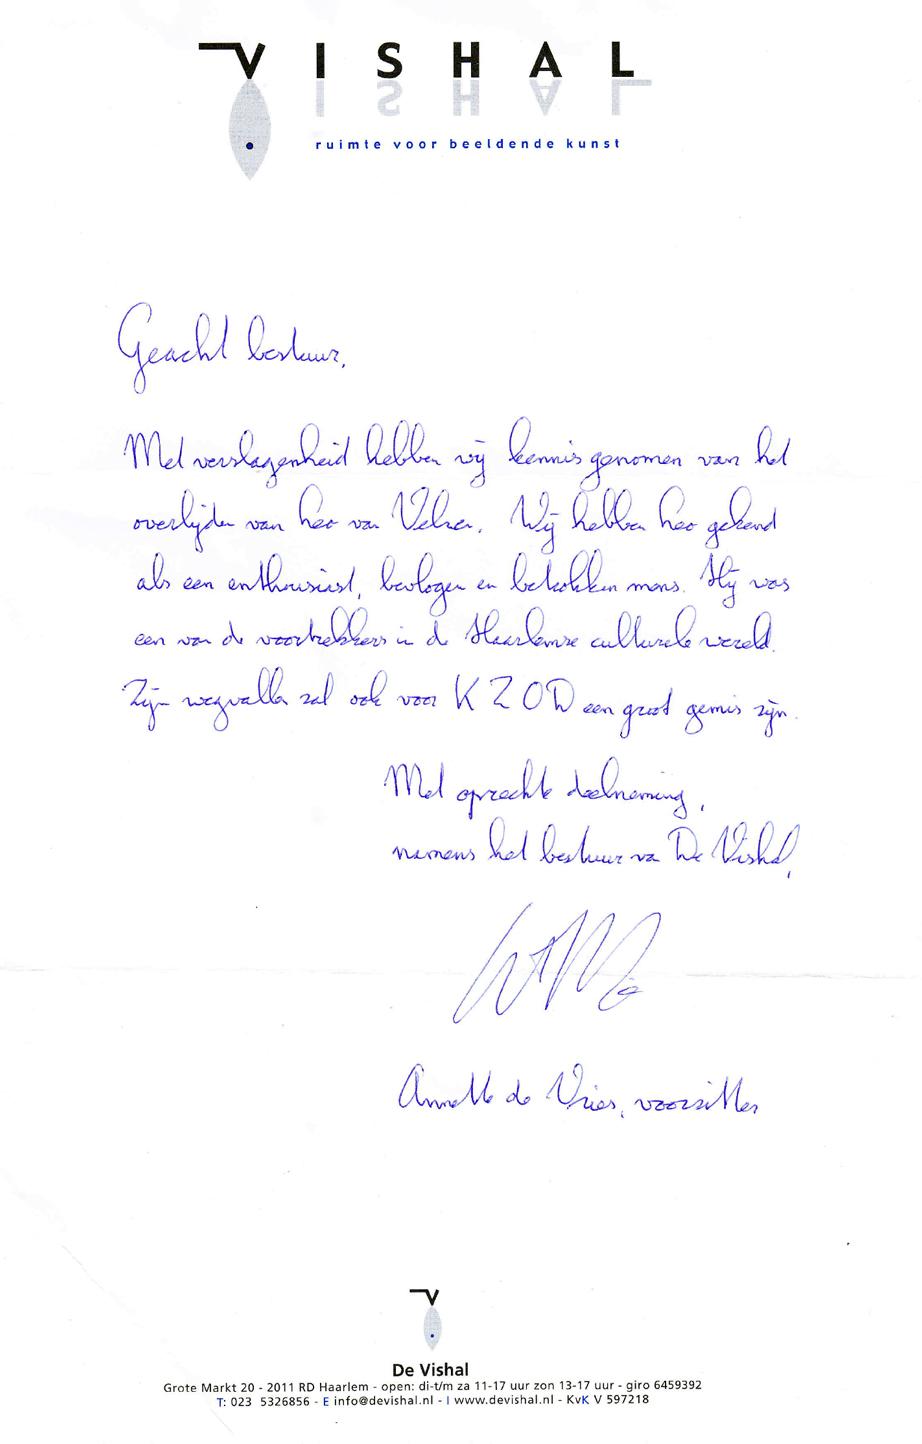 Deelneming Vishal n.a.v. Overlijden Leo van Velzen